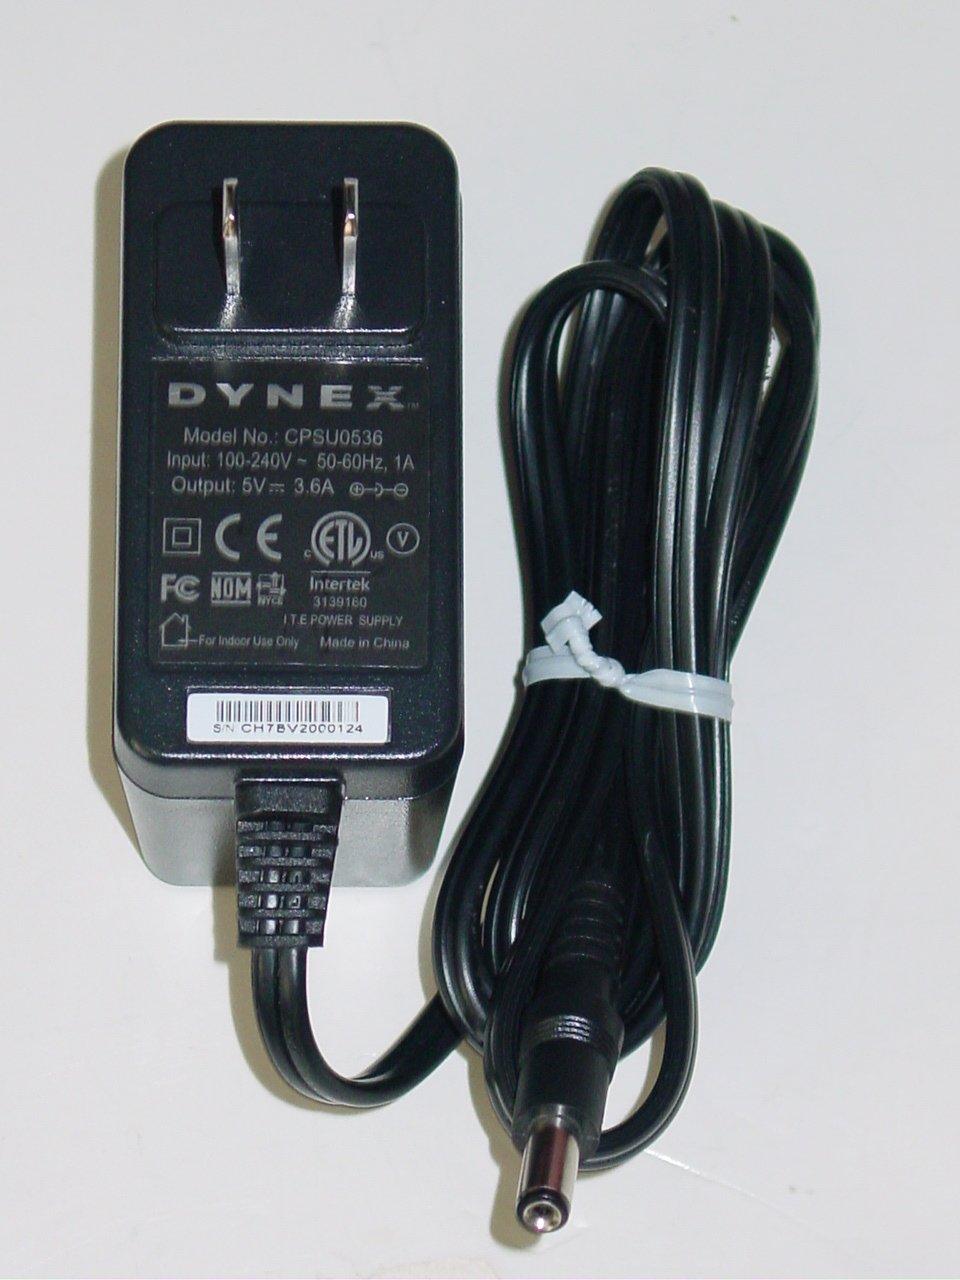 Dynex CPSU0536 AC Adapter 5V 3.6A